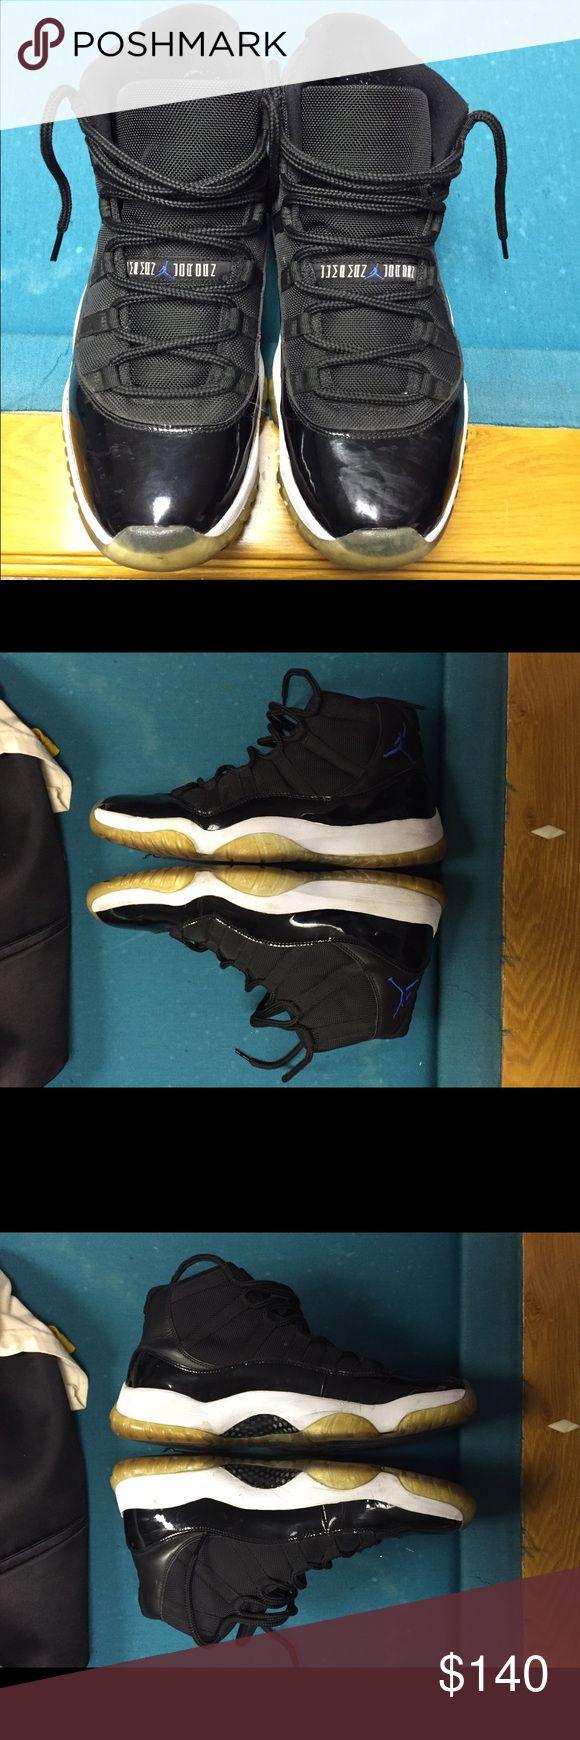 Air Jordan Space Jam 11s Space Jam 11s Jordan Shoes Sneakers